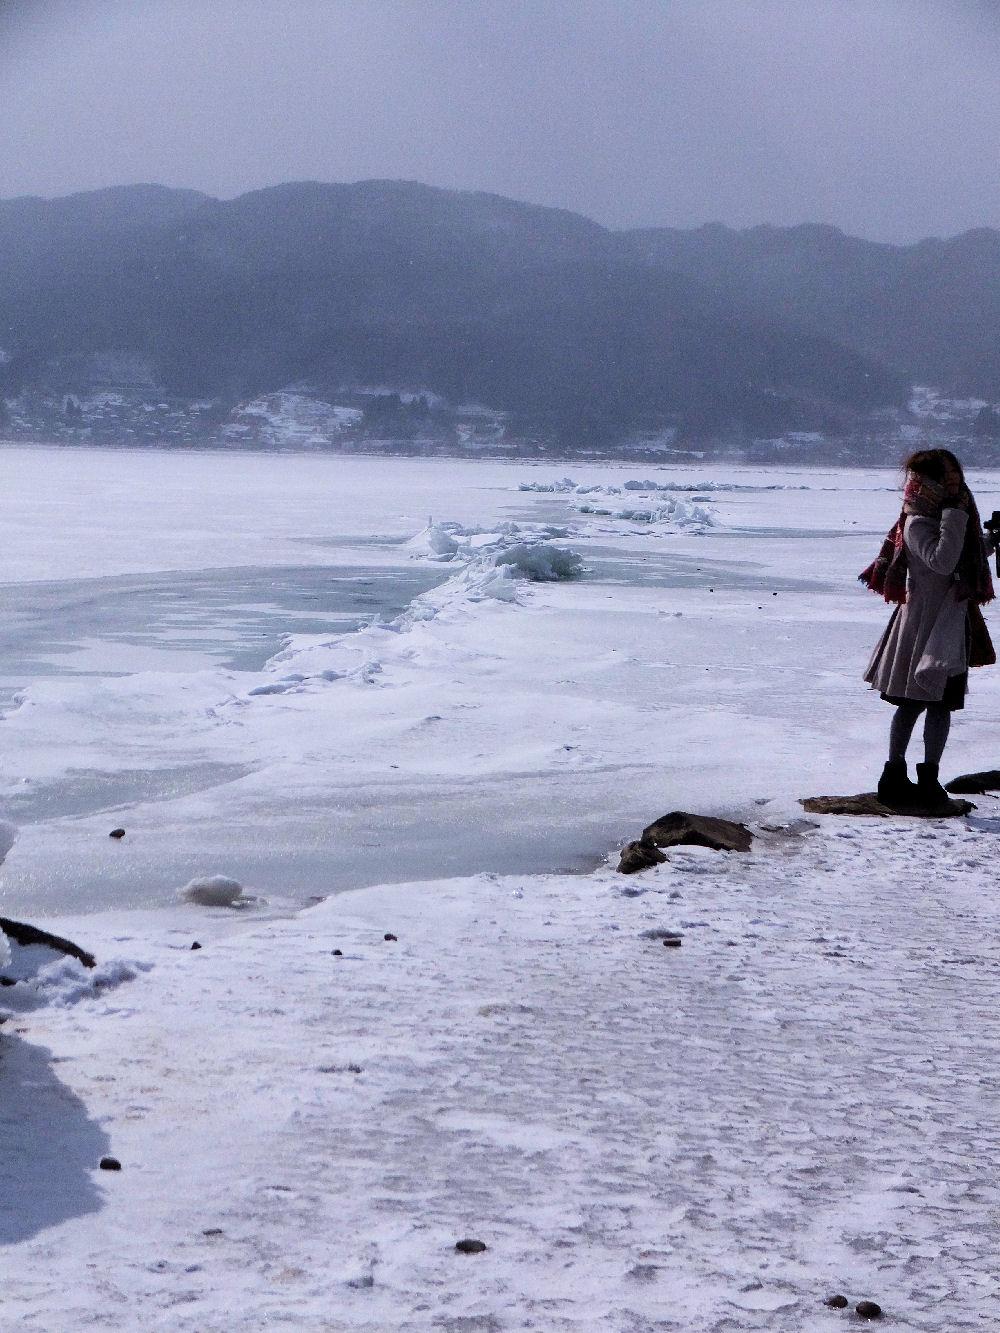 ☆寒~い日..諏訪湖のお神渡り見学に♪...その①: マコ日記